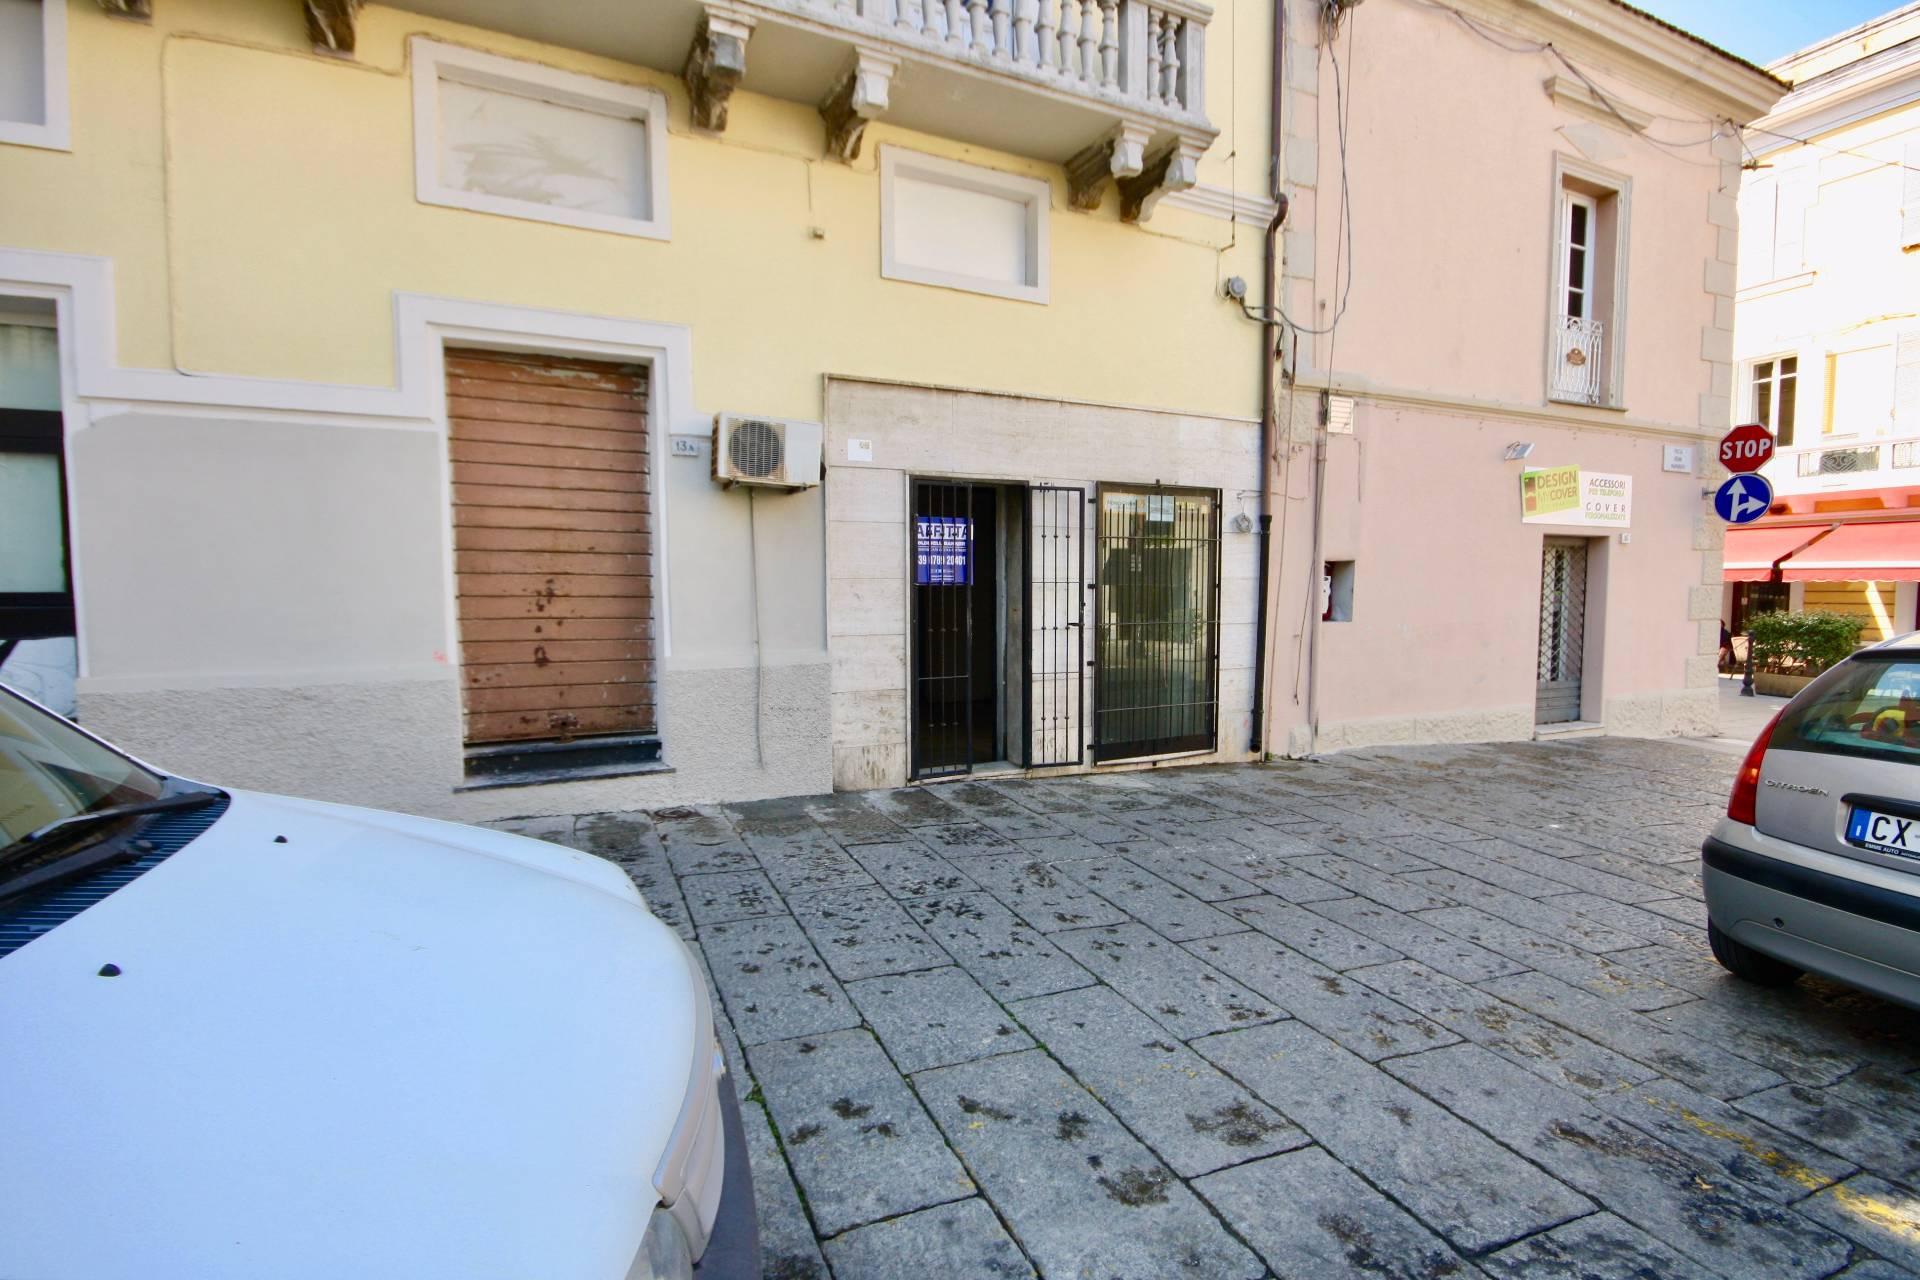 Negozio / Locale in affitto a Olbia - Porto Rotondo, 9999 locali, zona Località: Olbiacittà, prezzo € 900 | CambioCasa.it